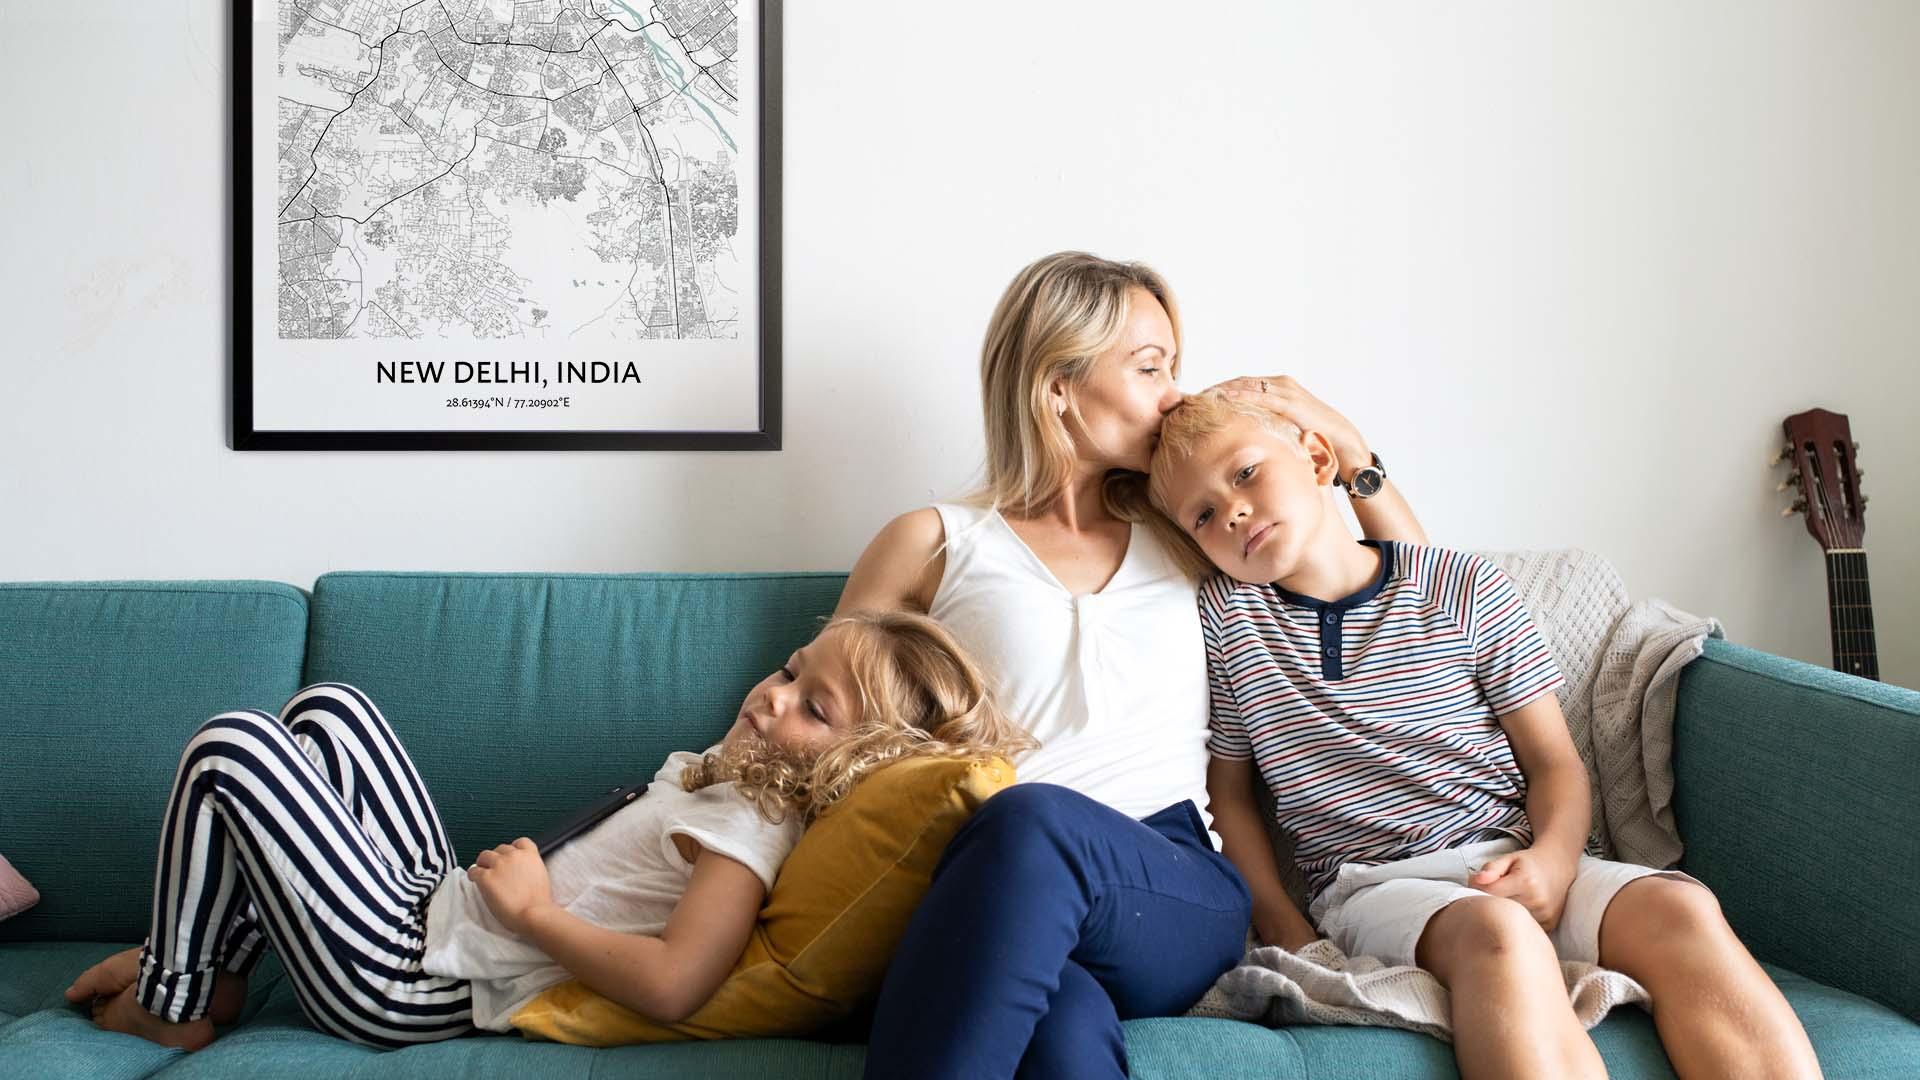 New Delhi map poster